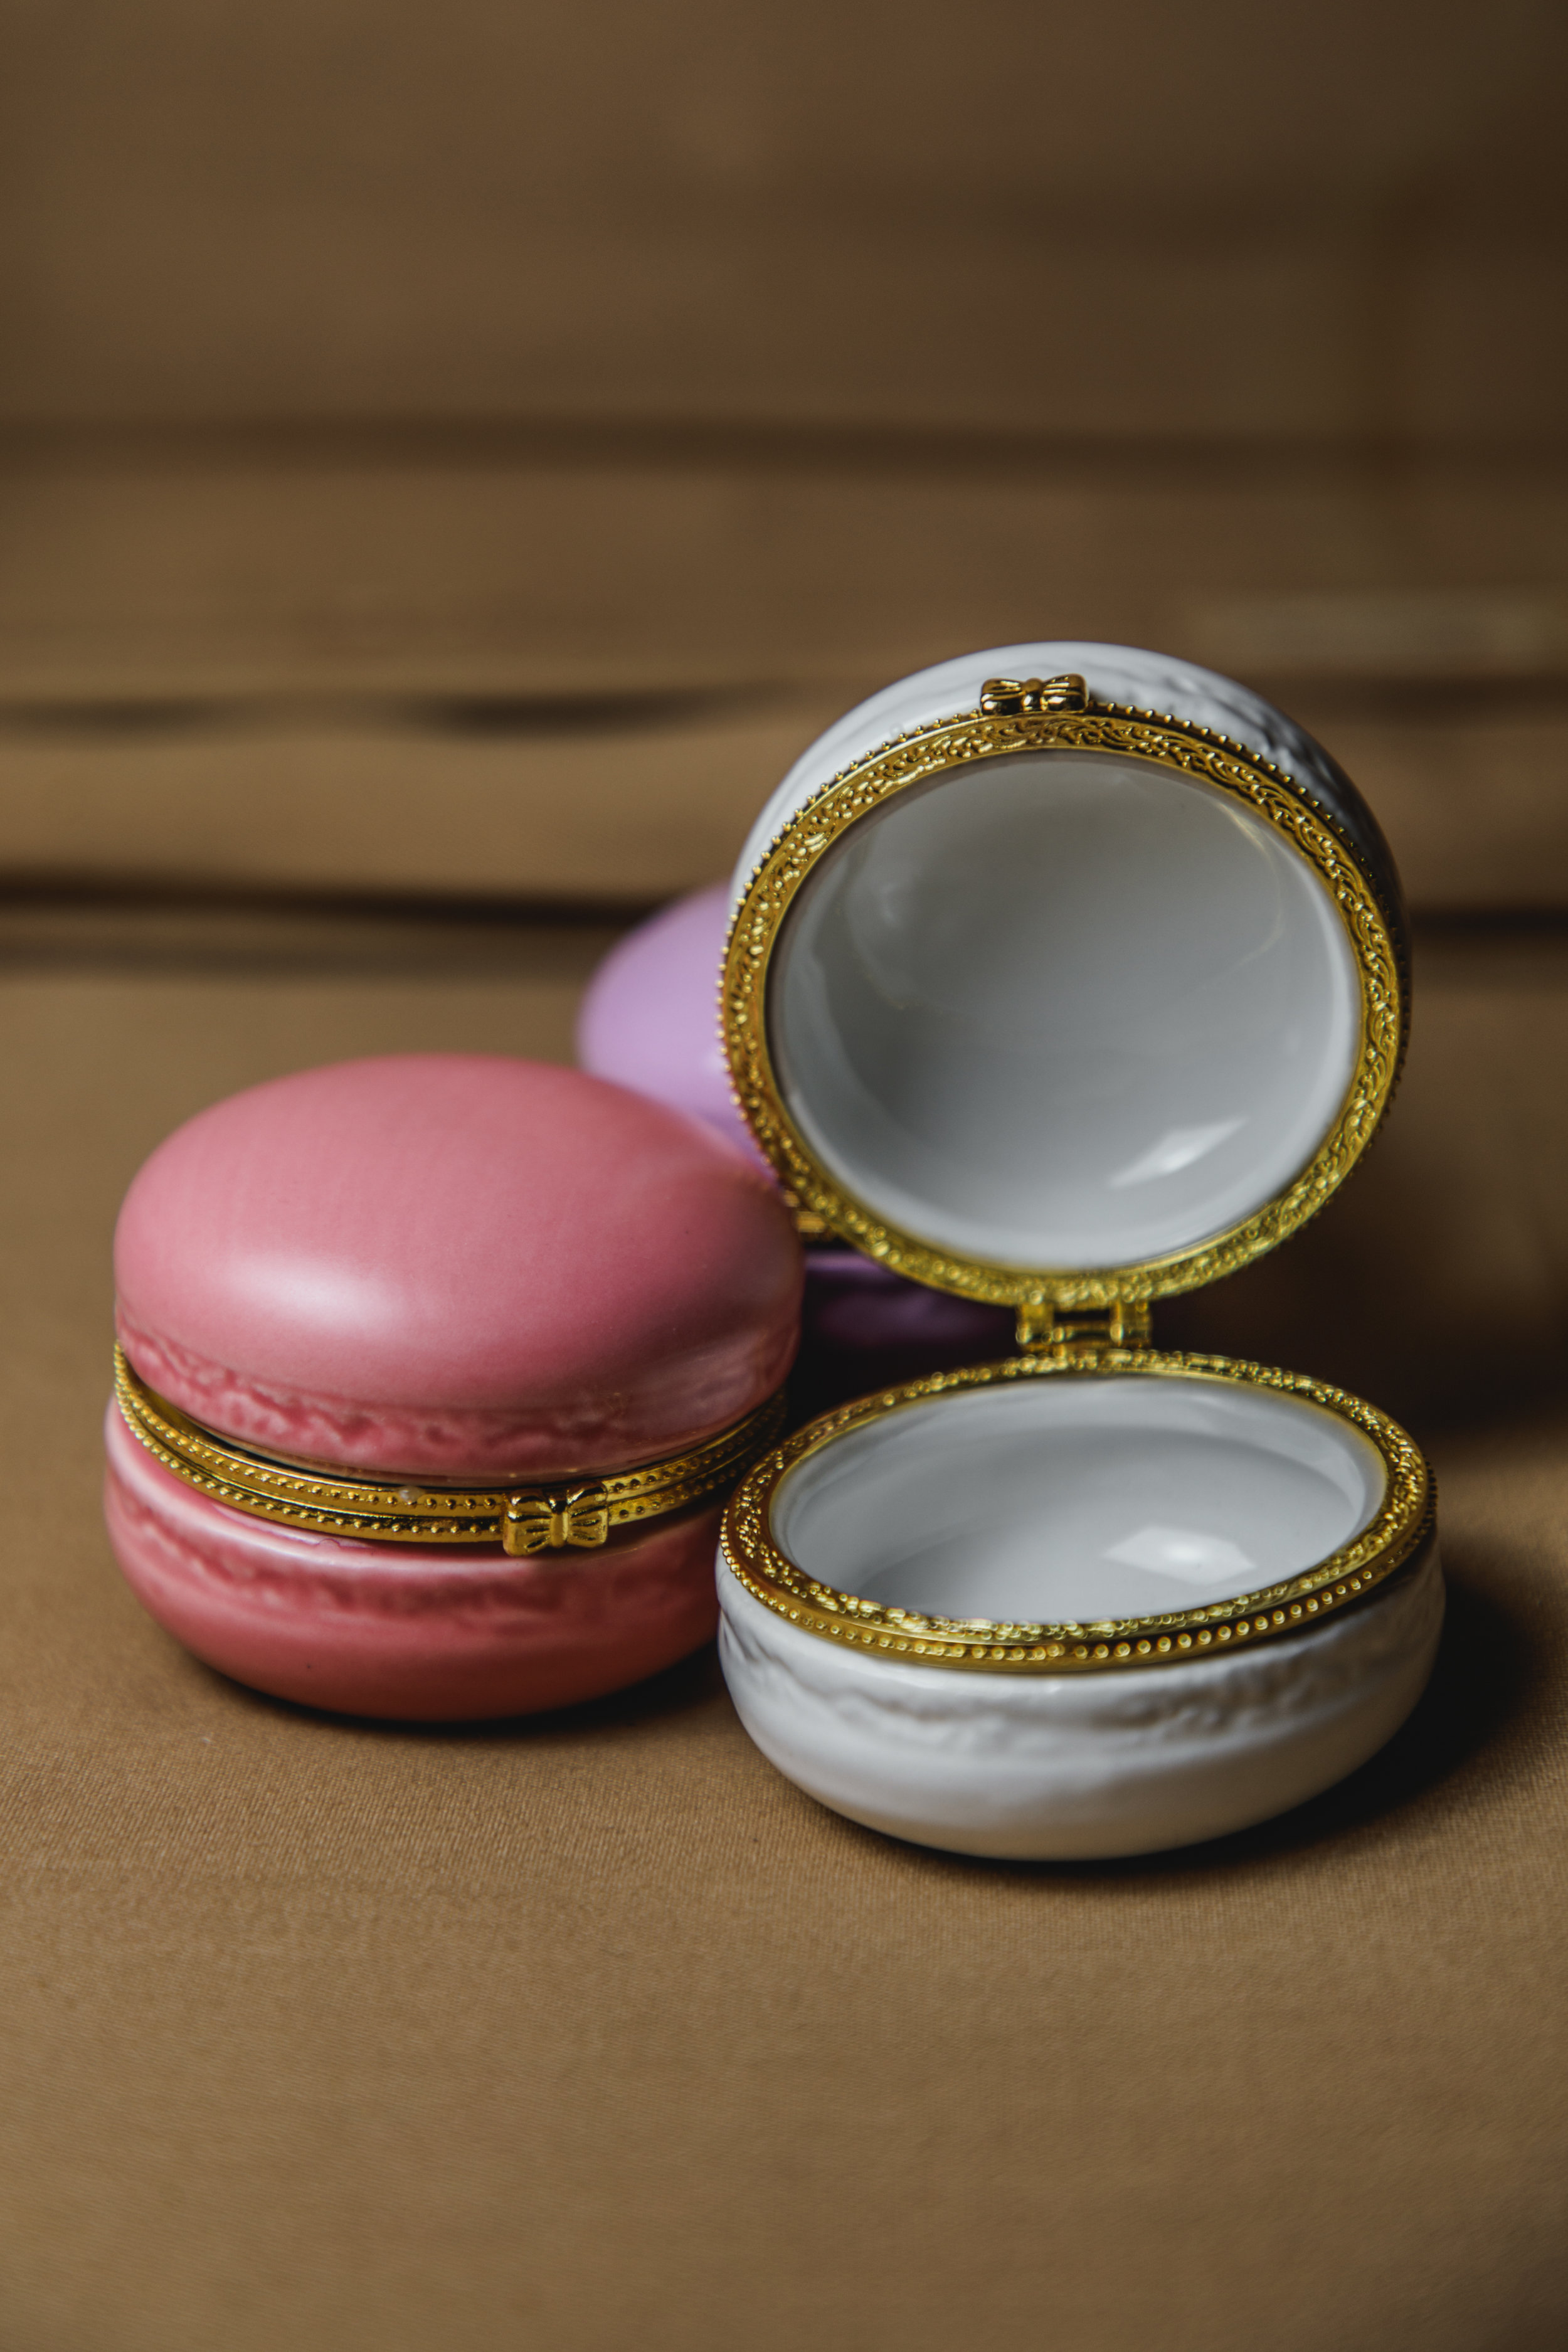 $10 | Macaron Ring Dish Set